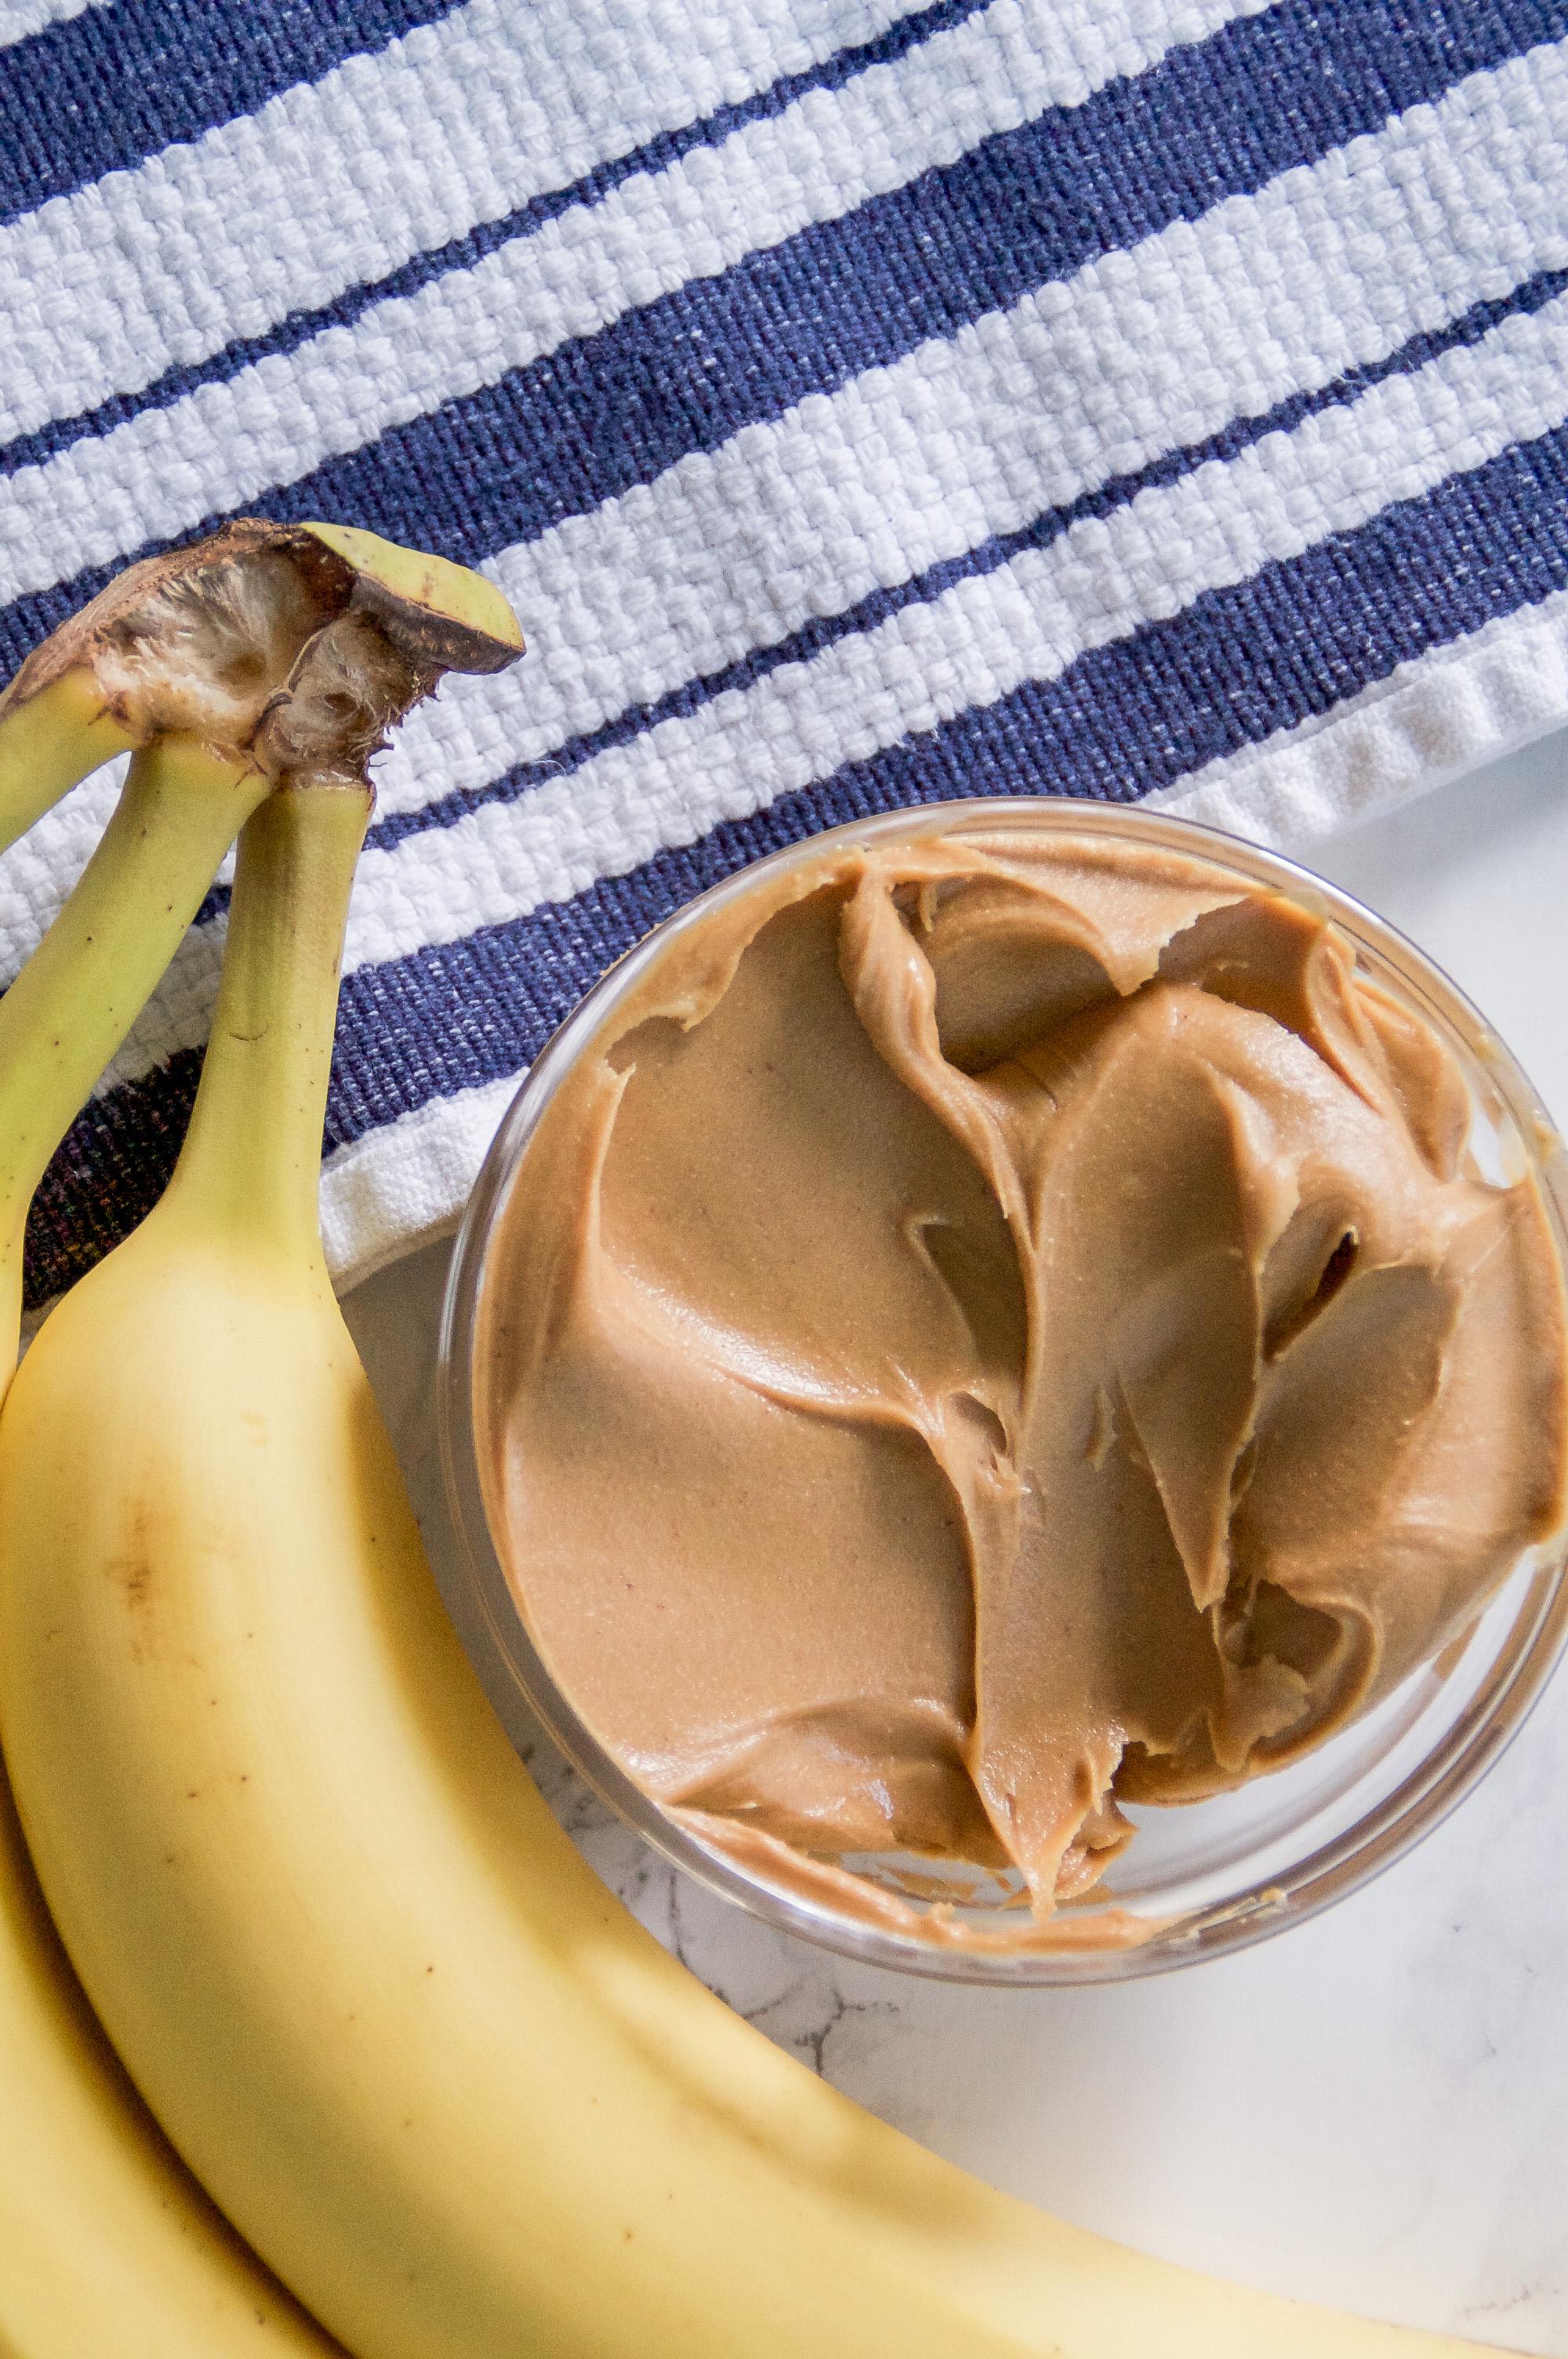 Peanut butter banana dog treat recipe